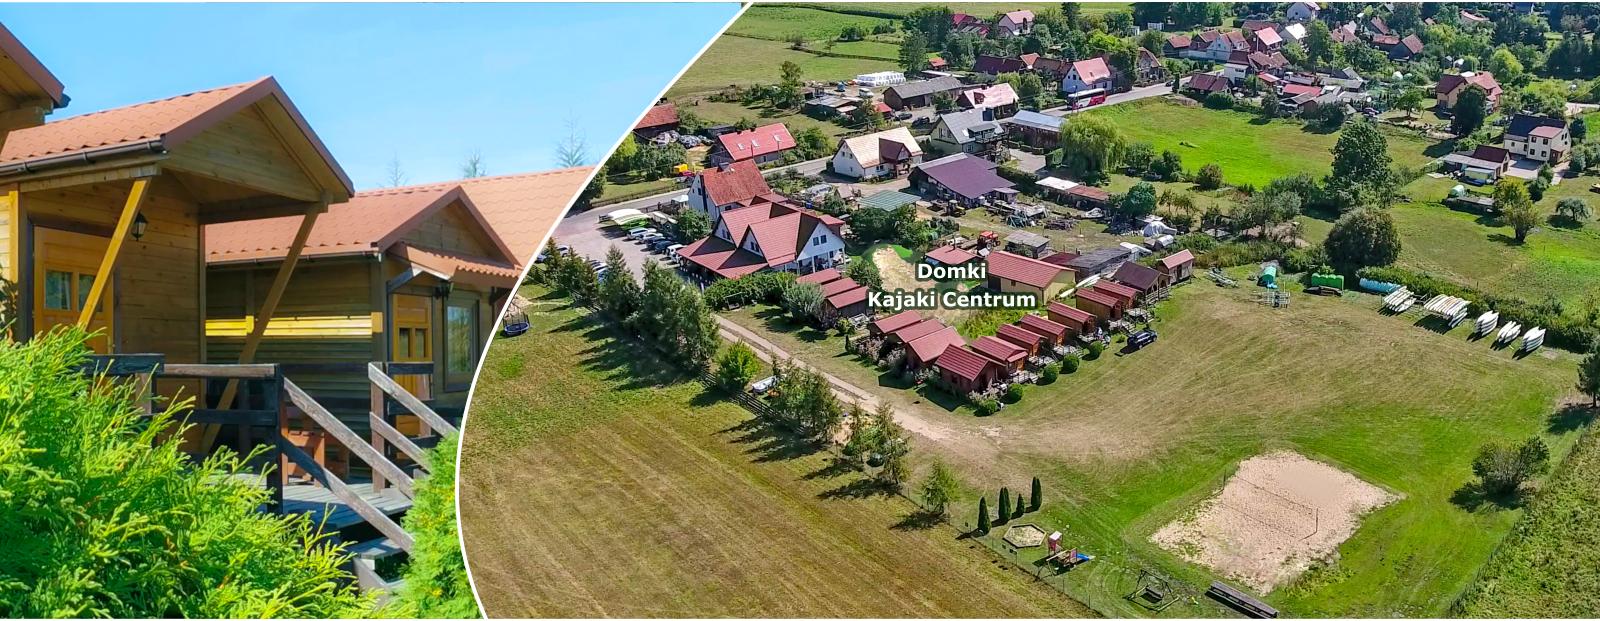 Domki letniskowe Ukta, noclegi na Mazurach